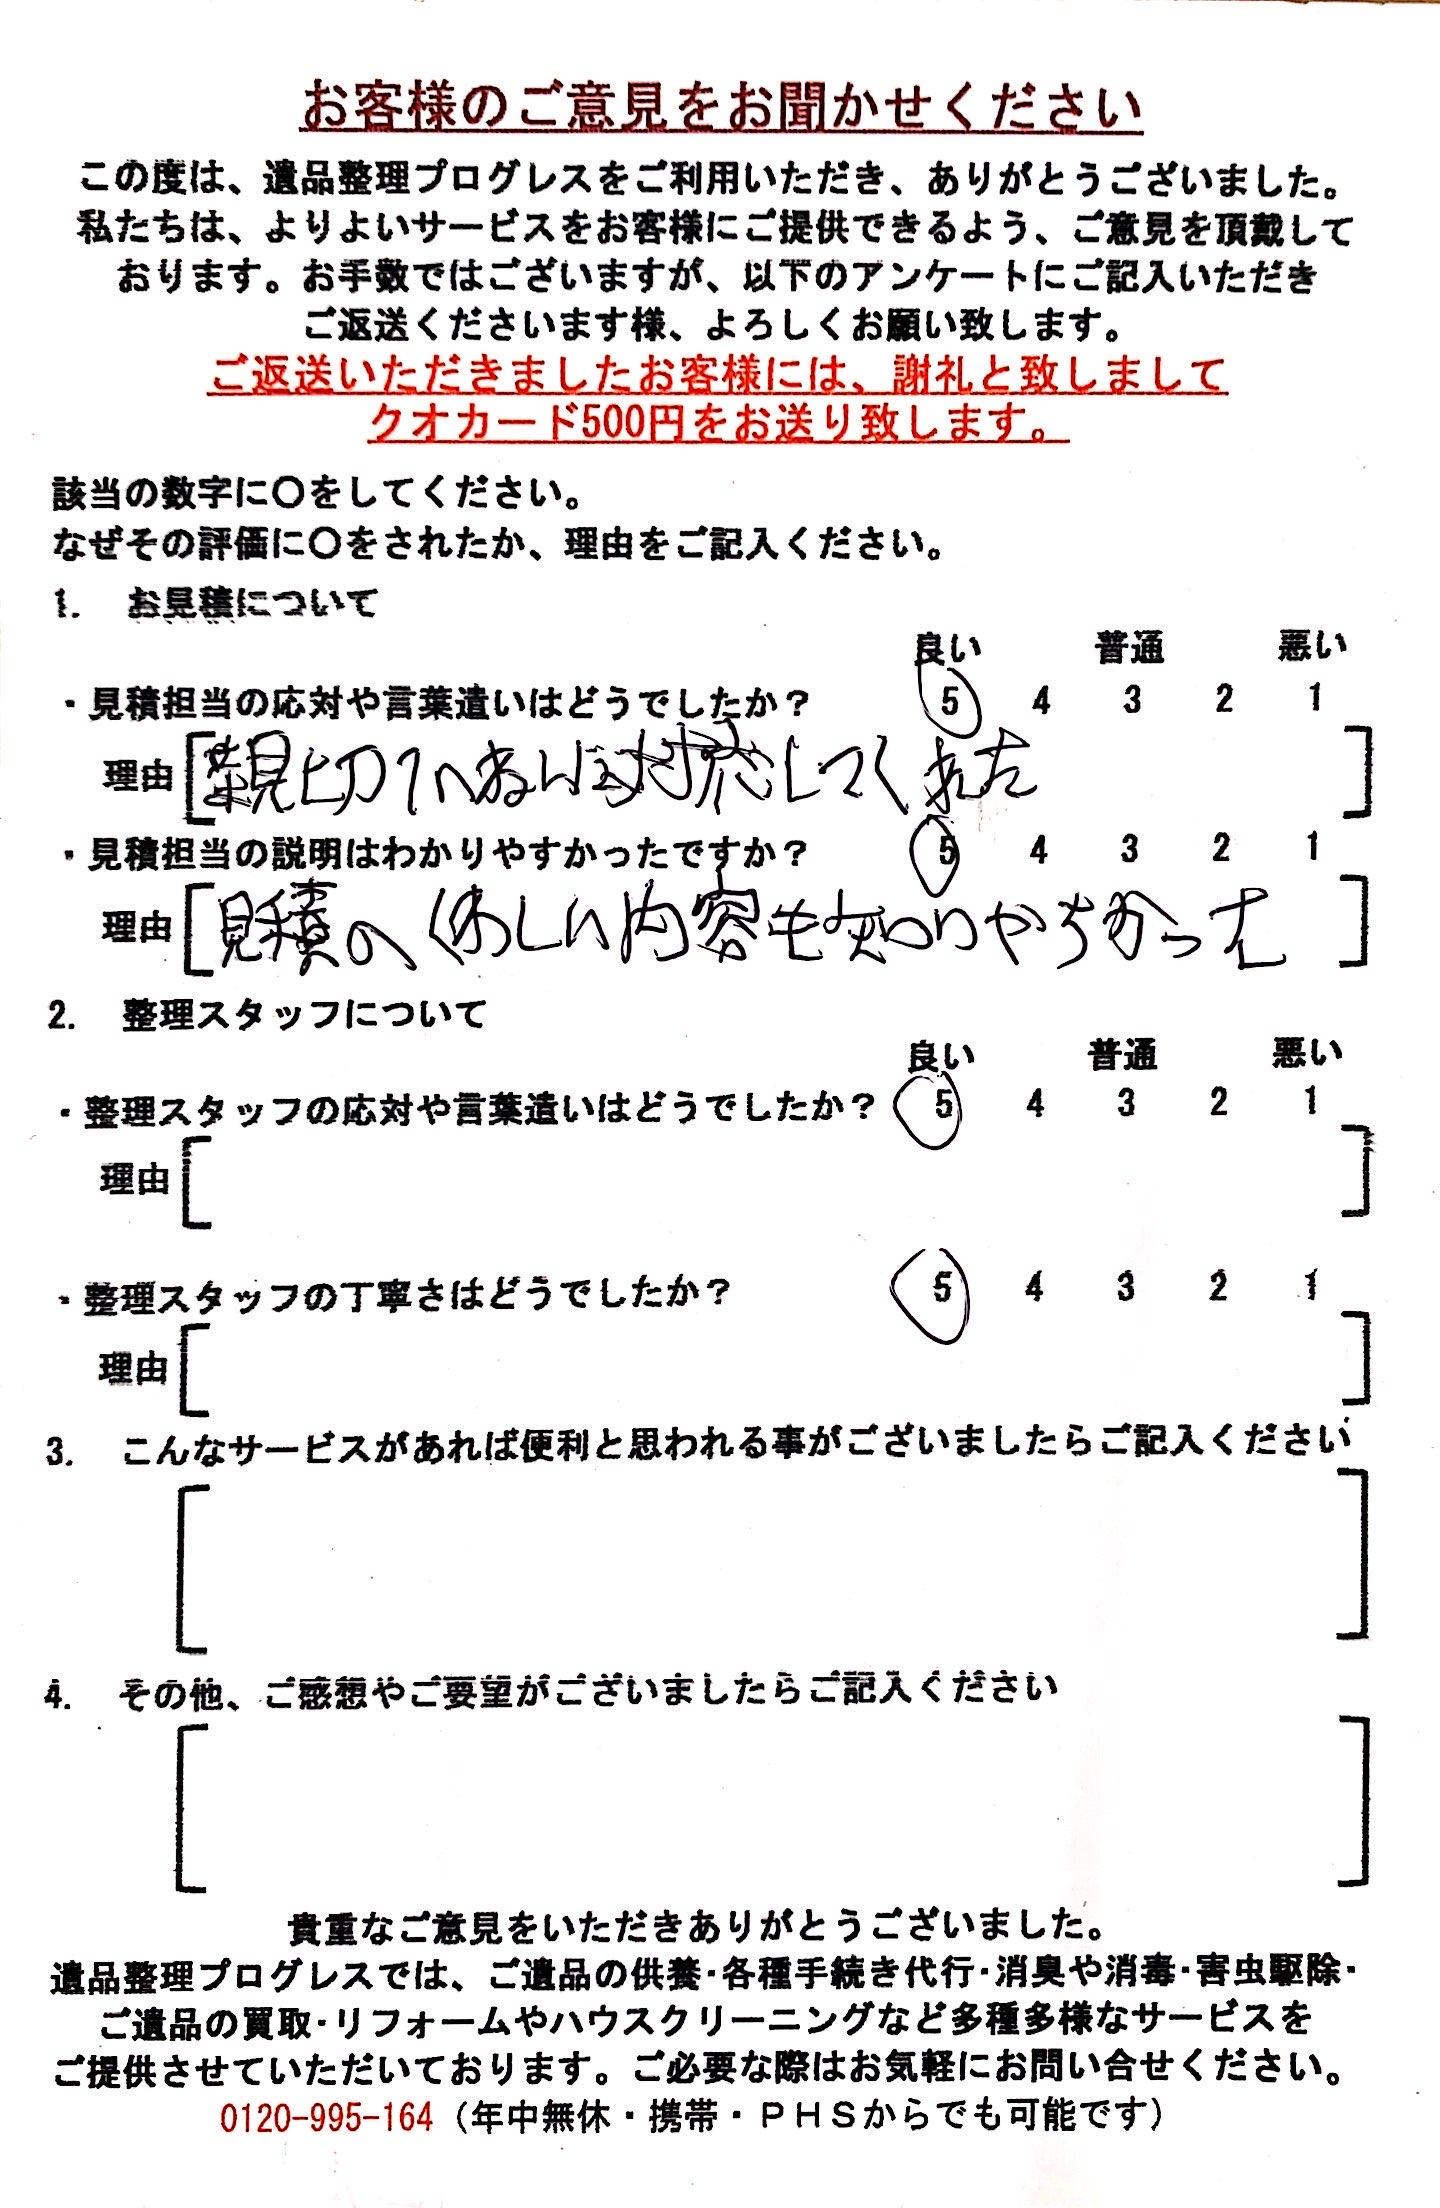 H・Y様 三重県伊賀市のアンケート用紙